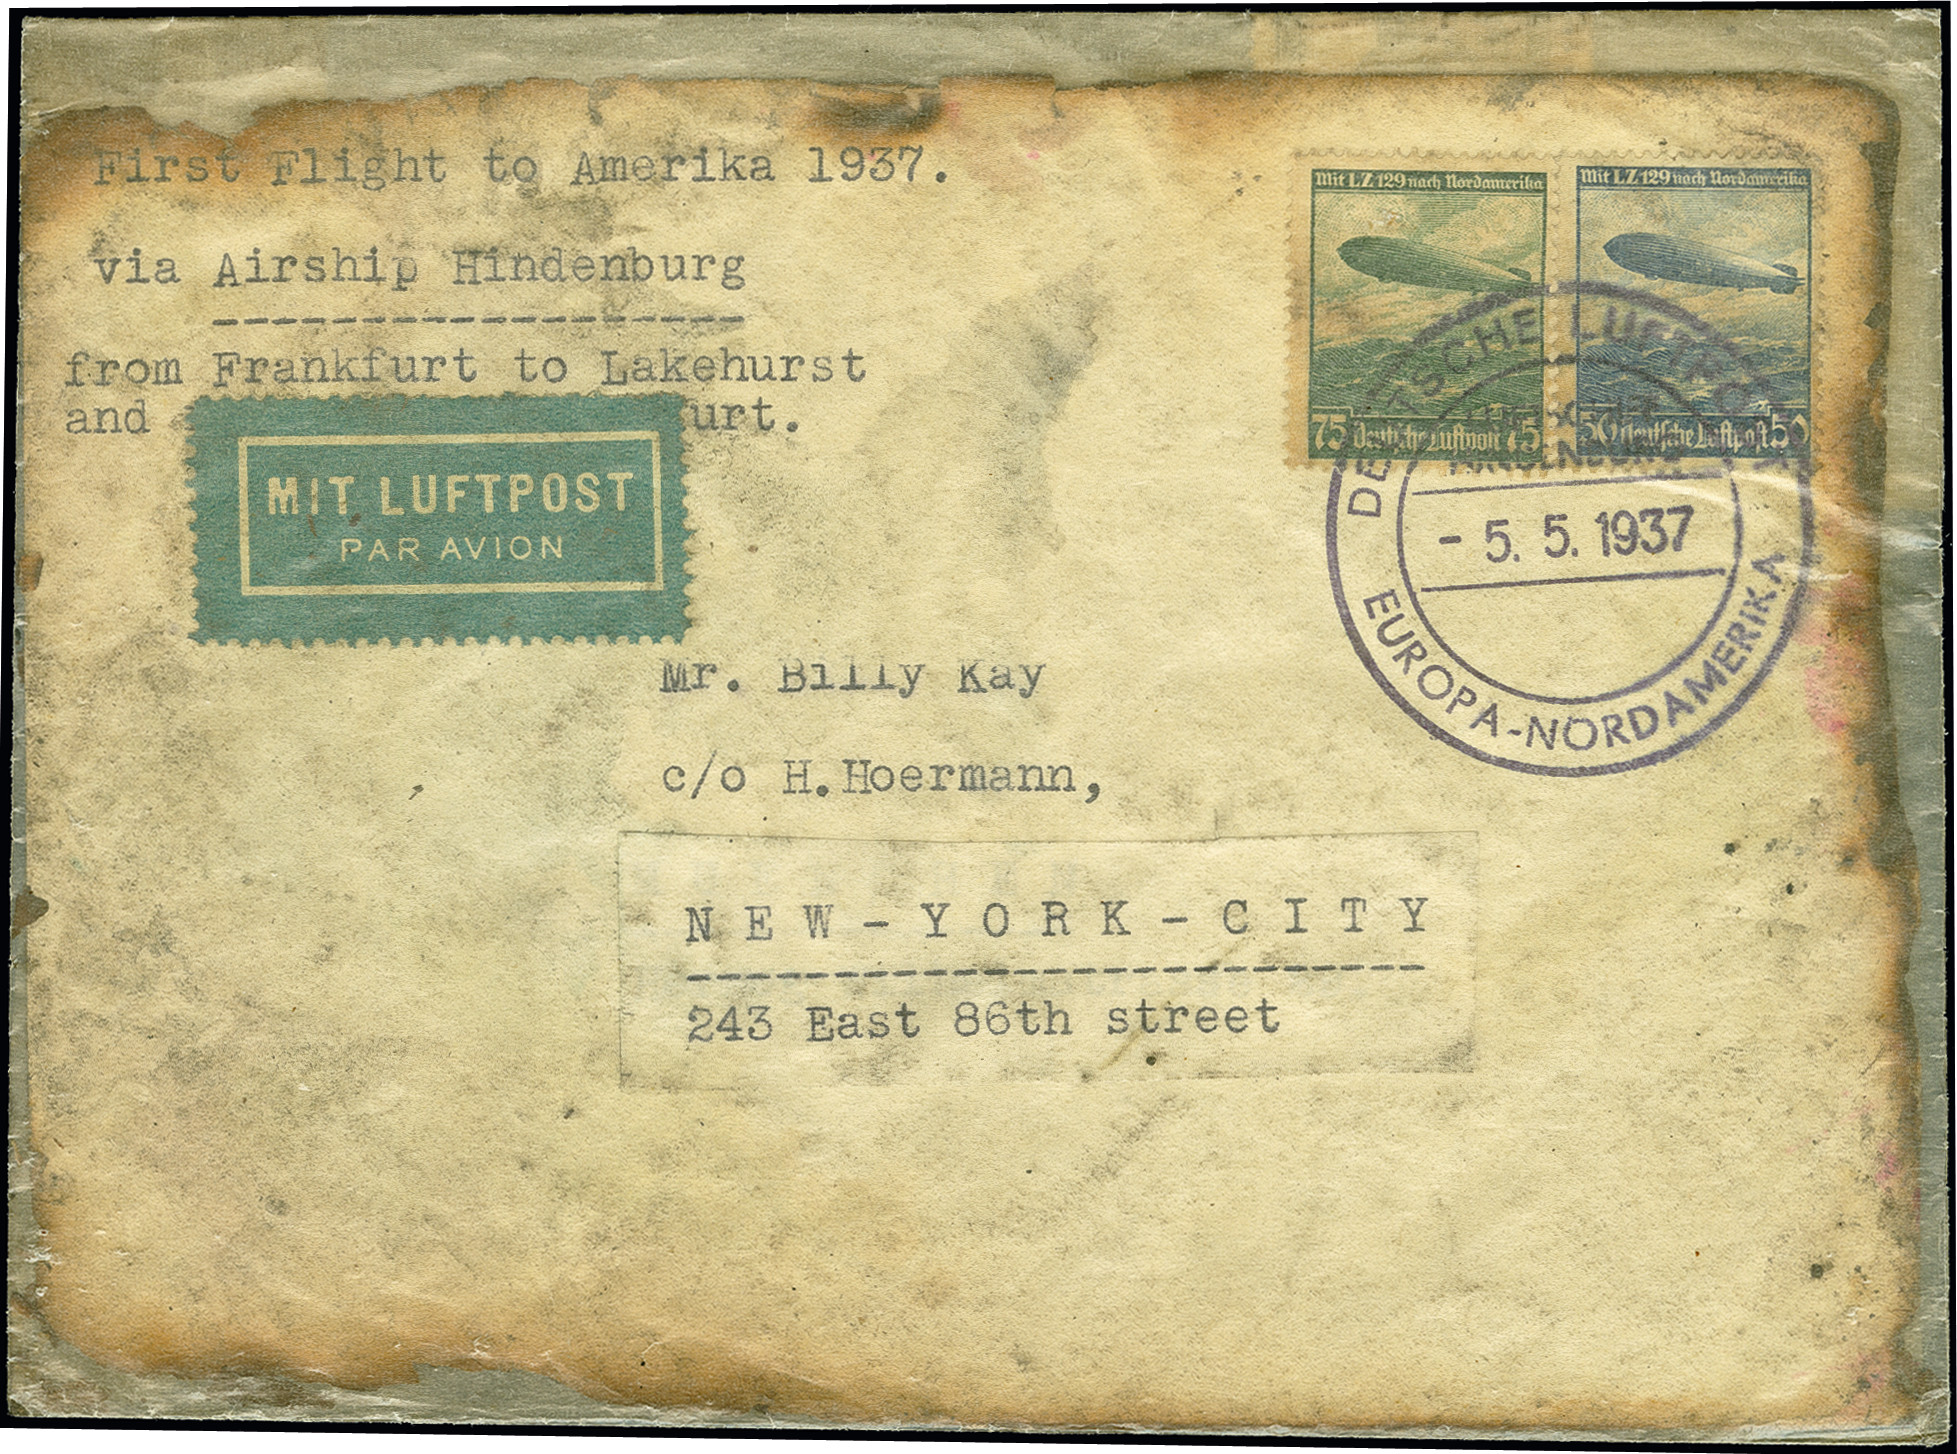 Lot 2285 - luftpost zeppelin -  Heinrich Koehler Auktionen 375rd Heinrich Köhler auction - Day 1